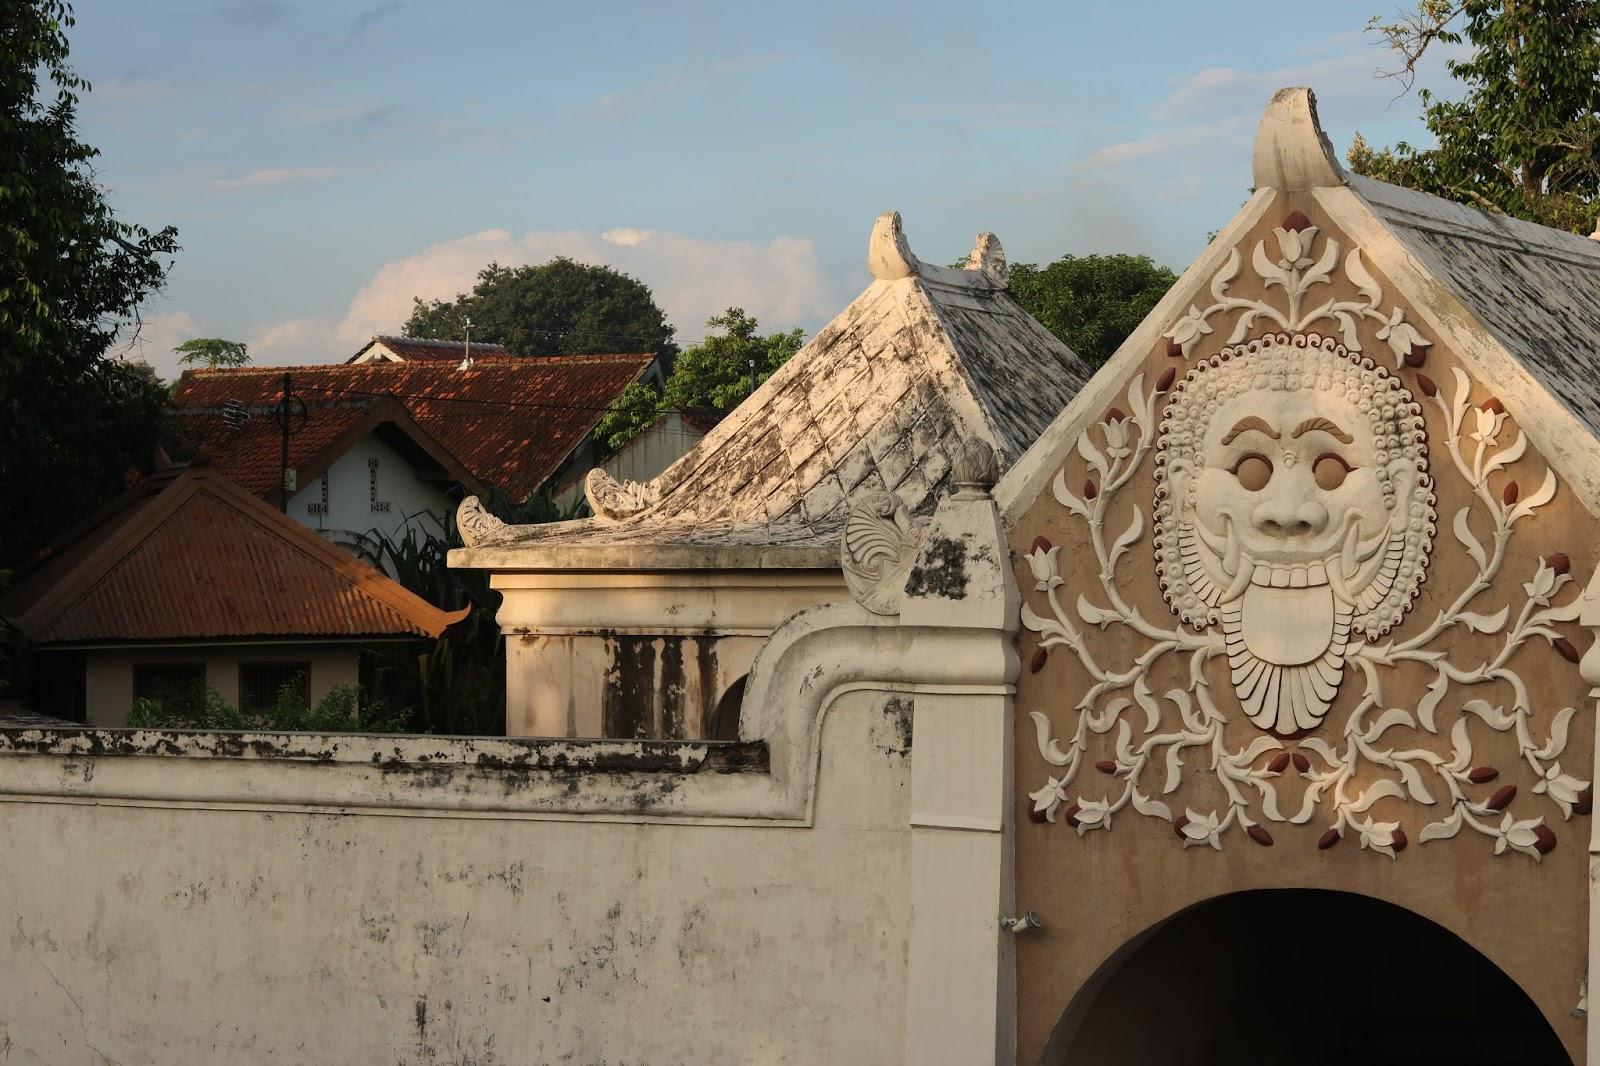 Palácio do Sultão em Yogyakarta